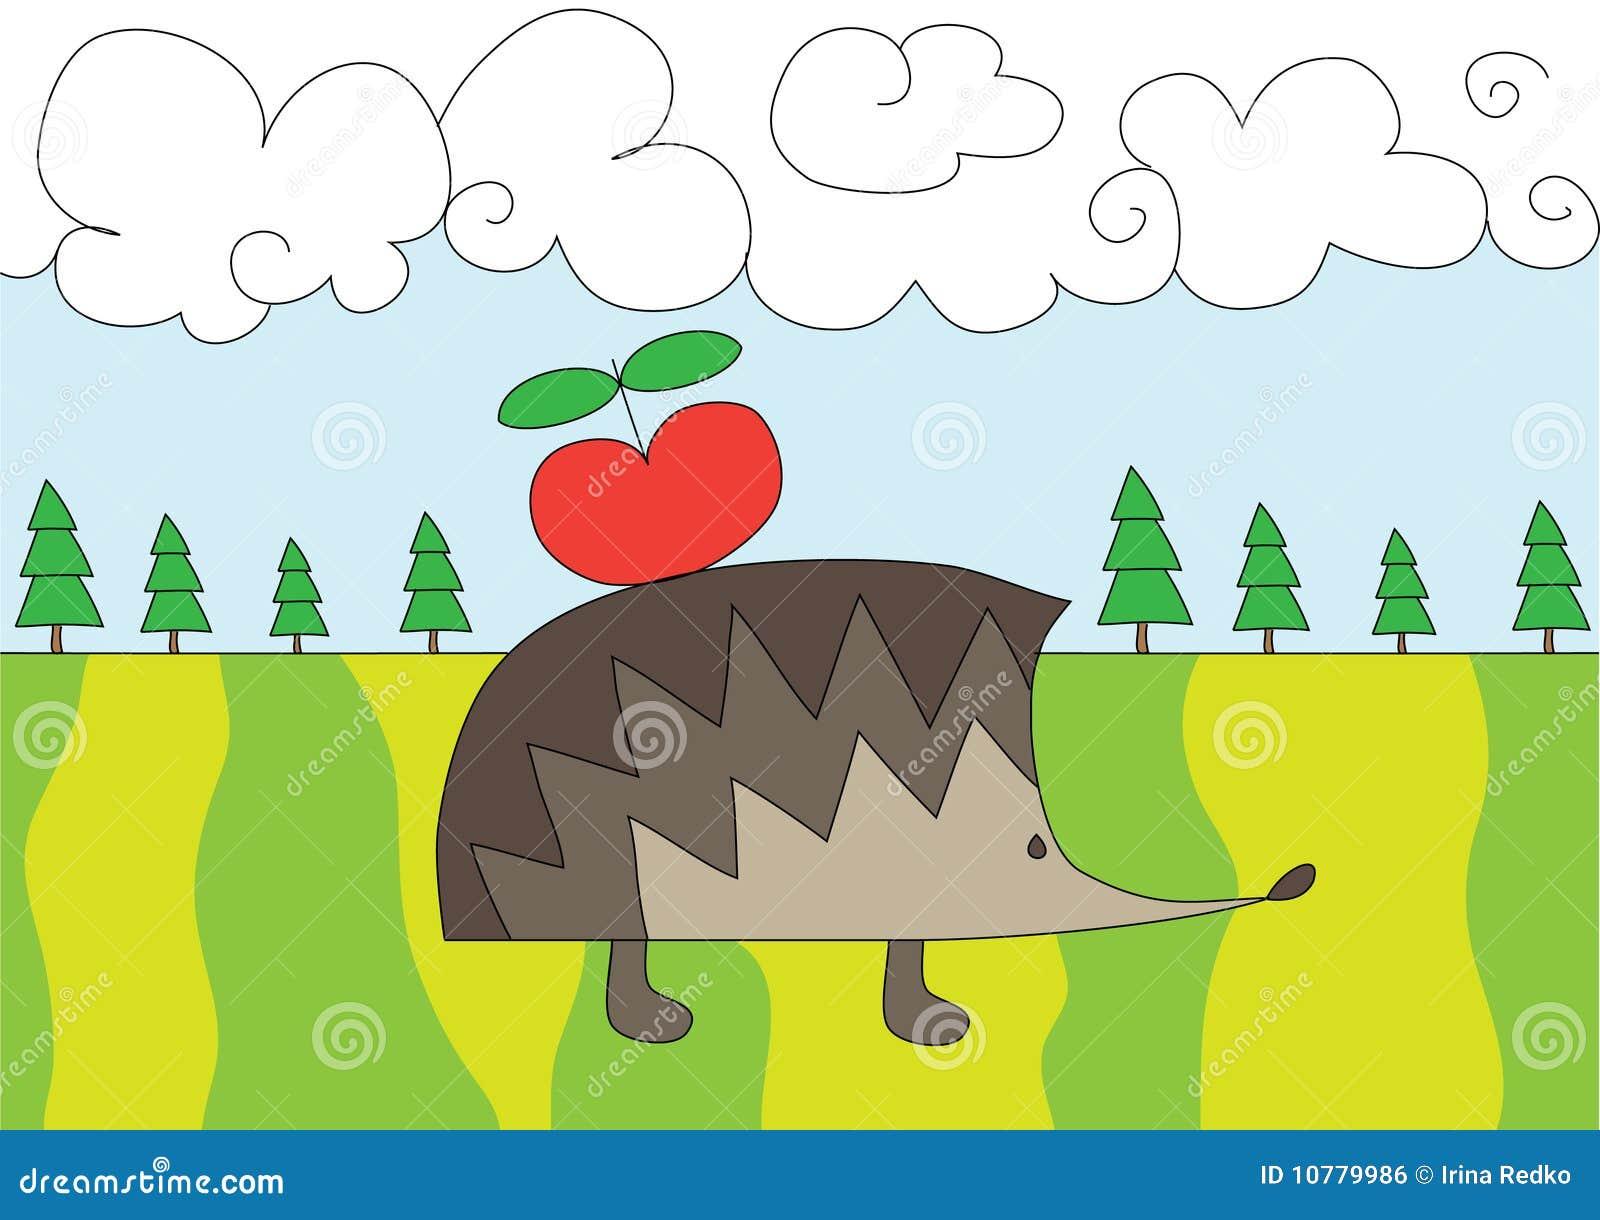 De egel van Nice met rode appel op de open plek